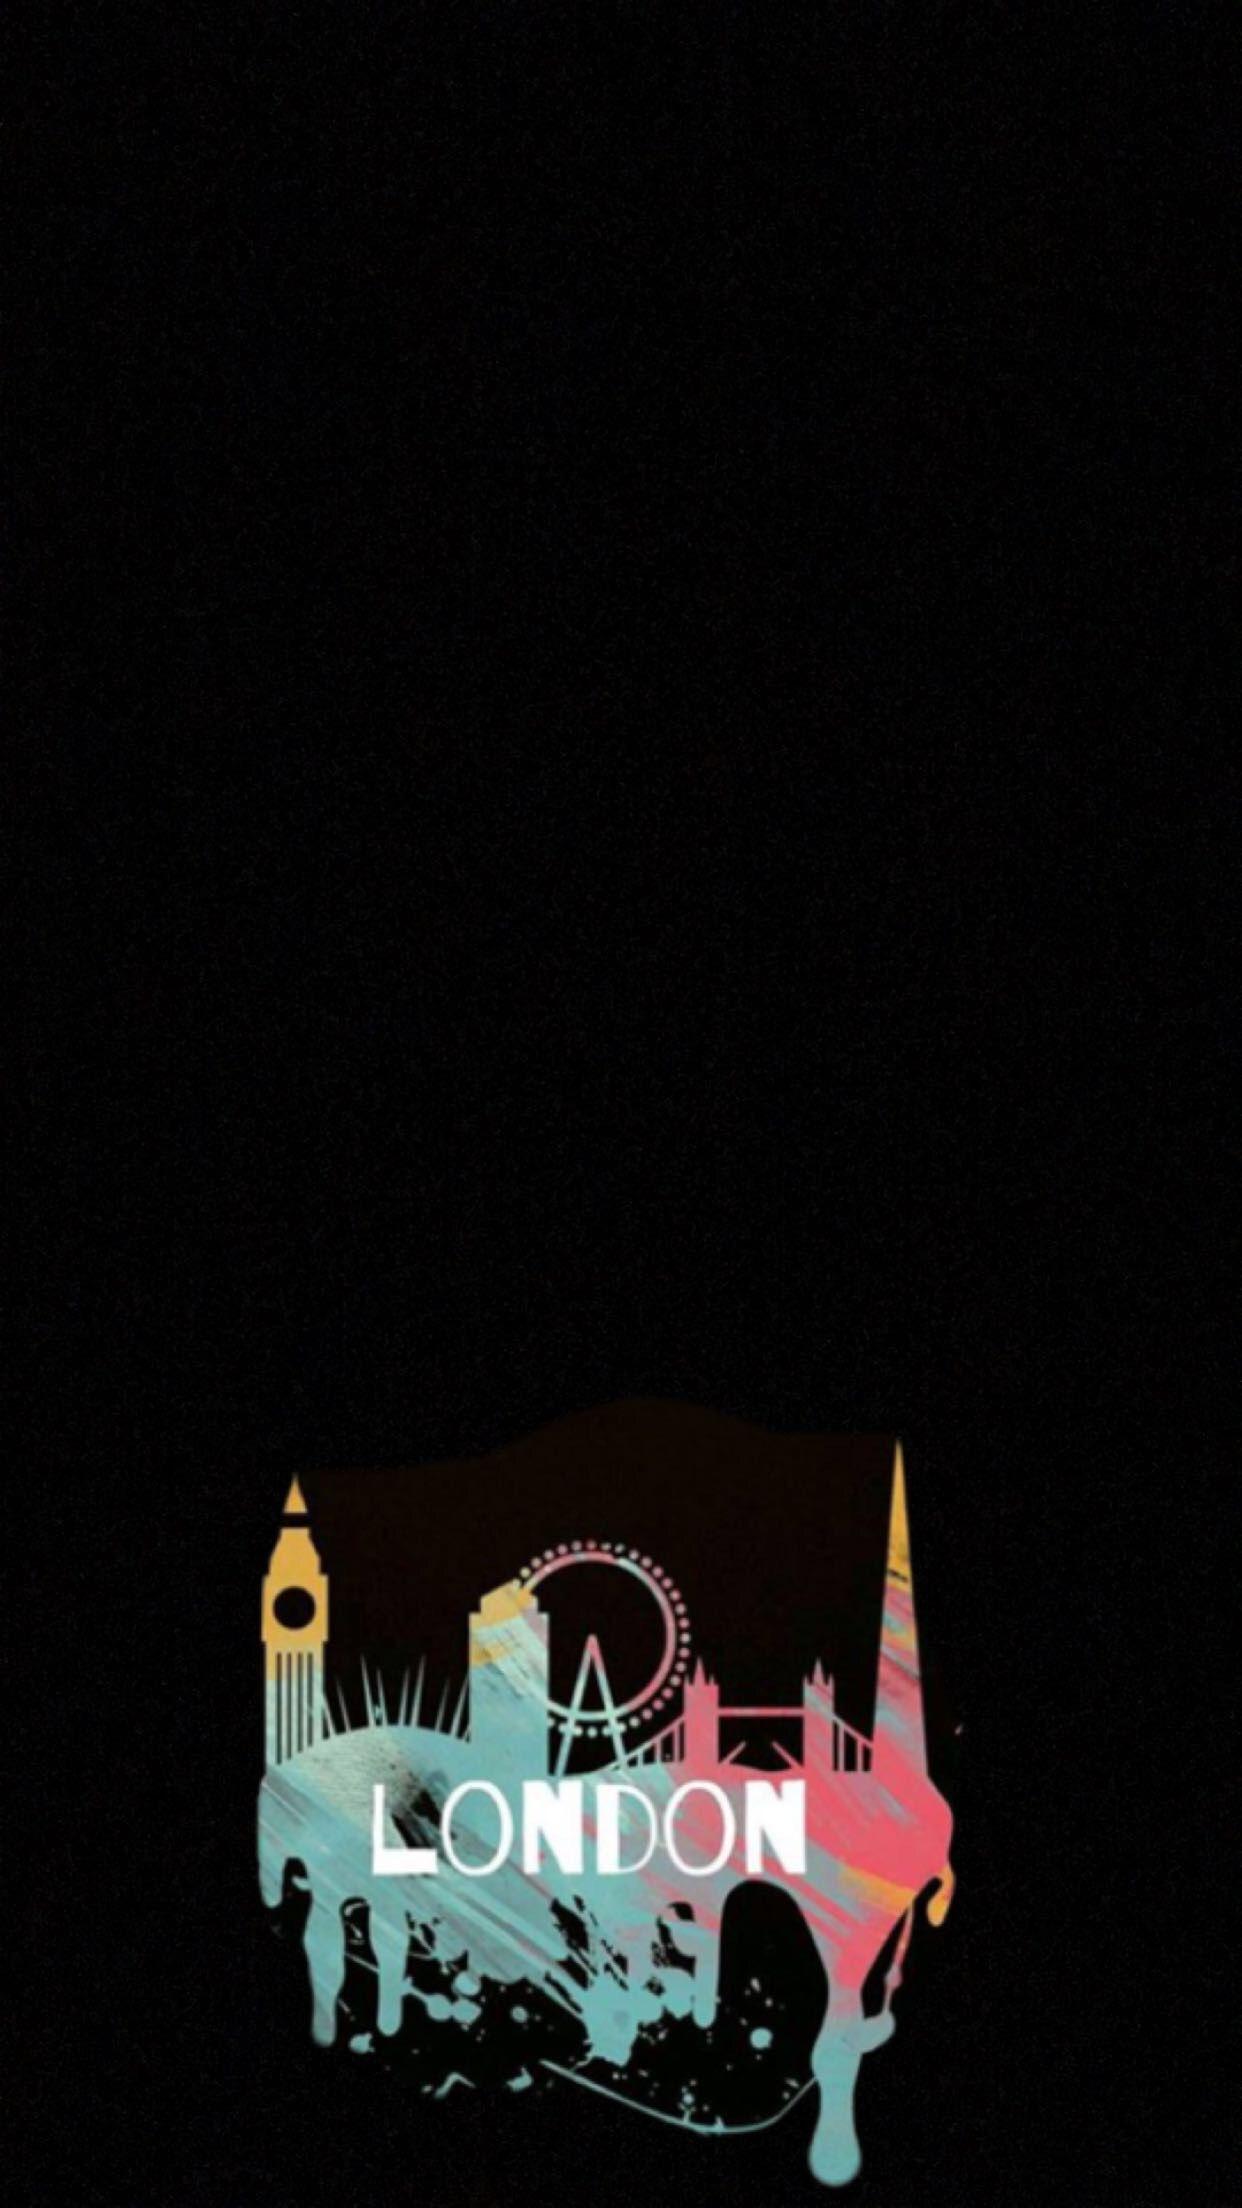 فلاتر مواقع للسناب Snapchat Geotag London Instagram Best Places To Travel